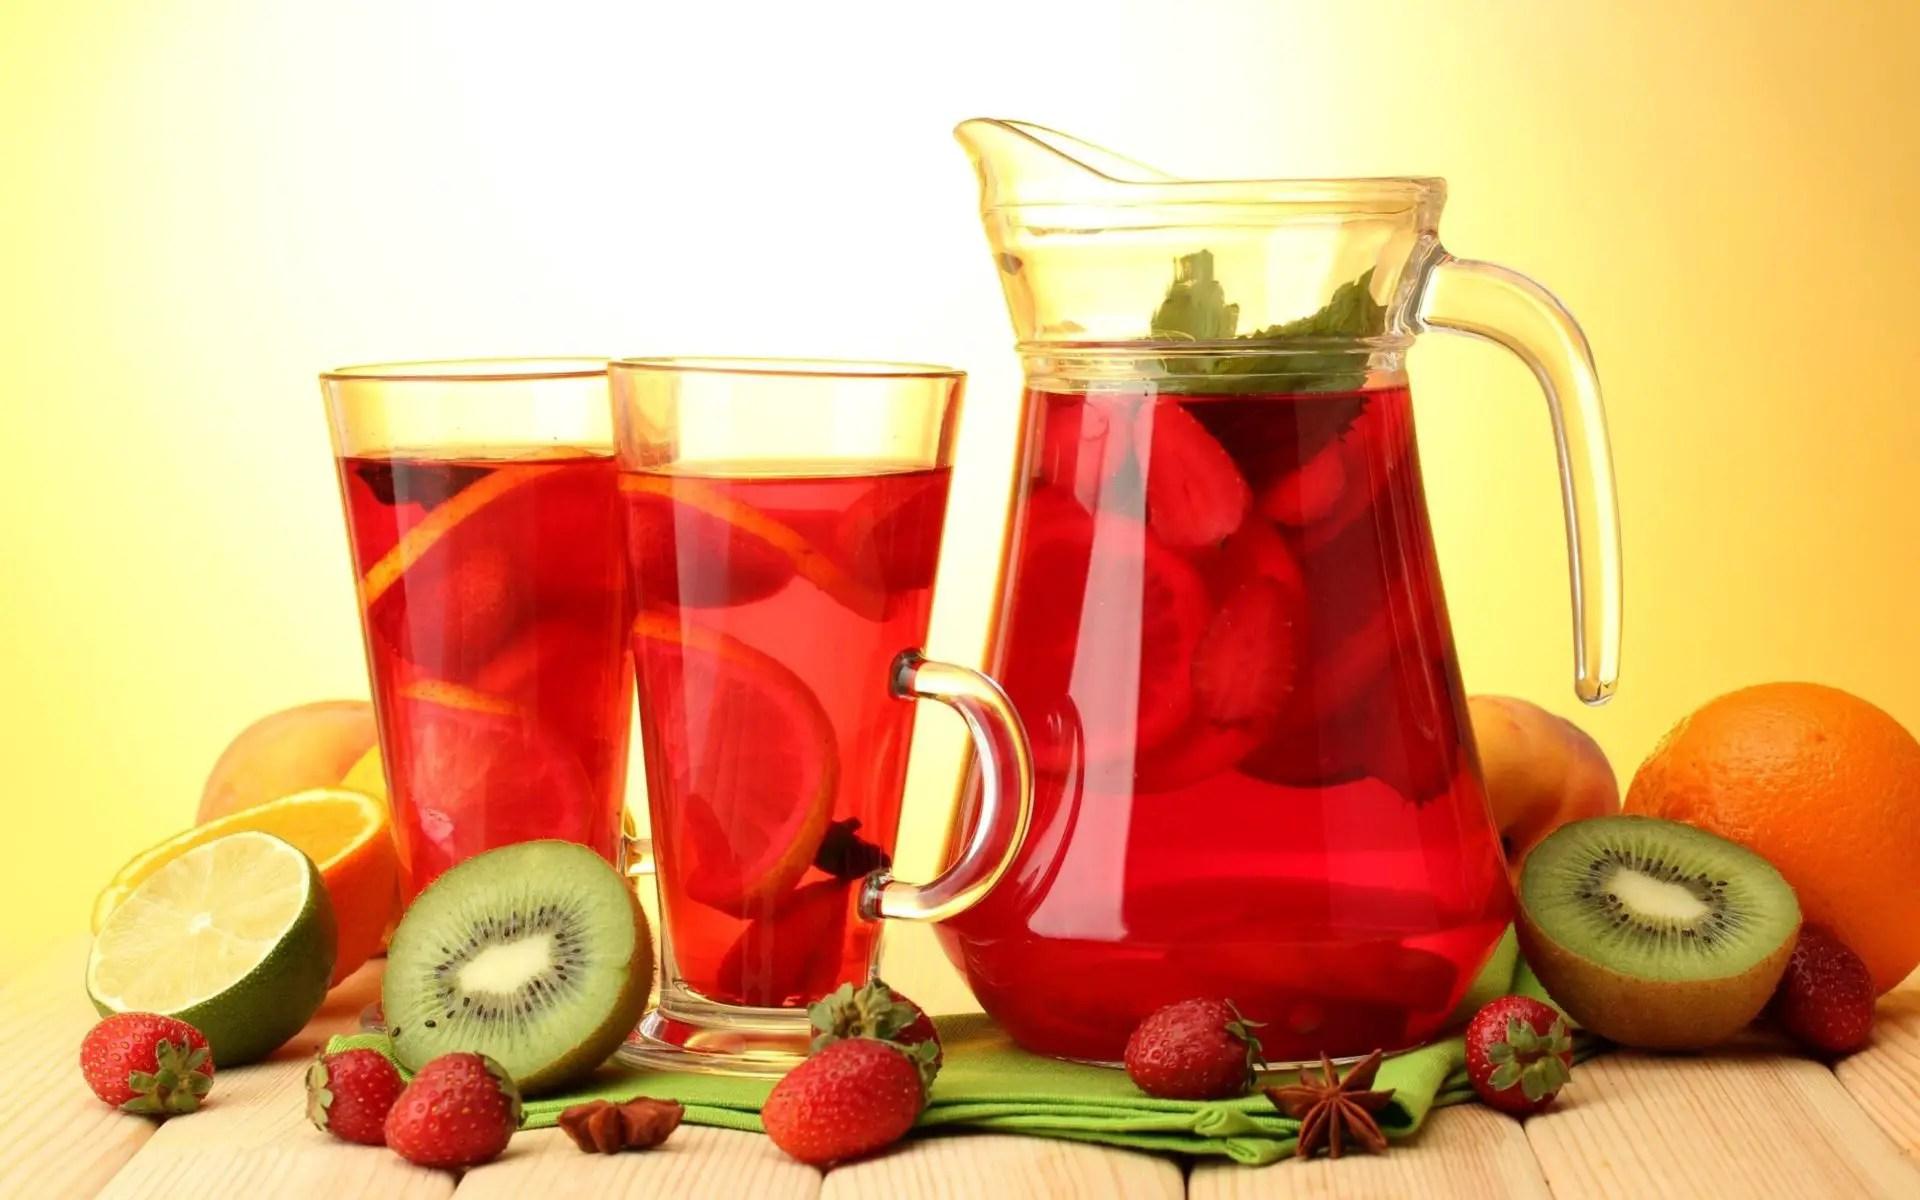 Imagini pentru fruit juice